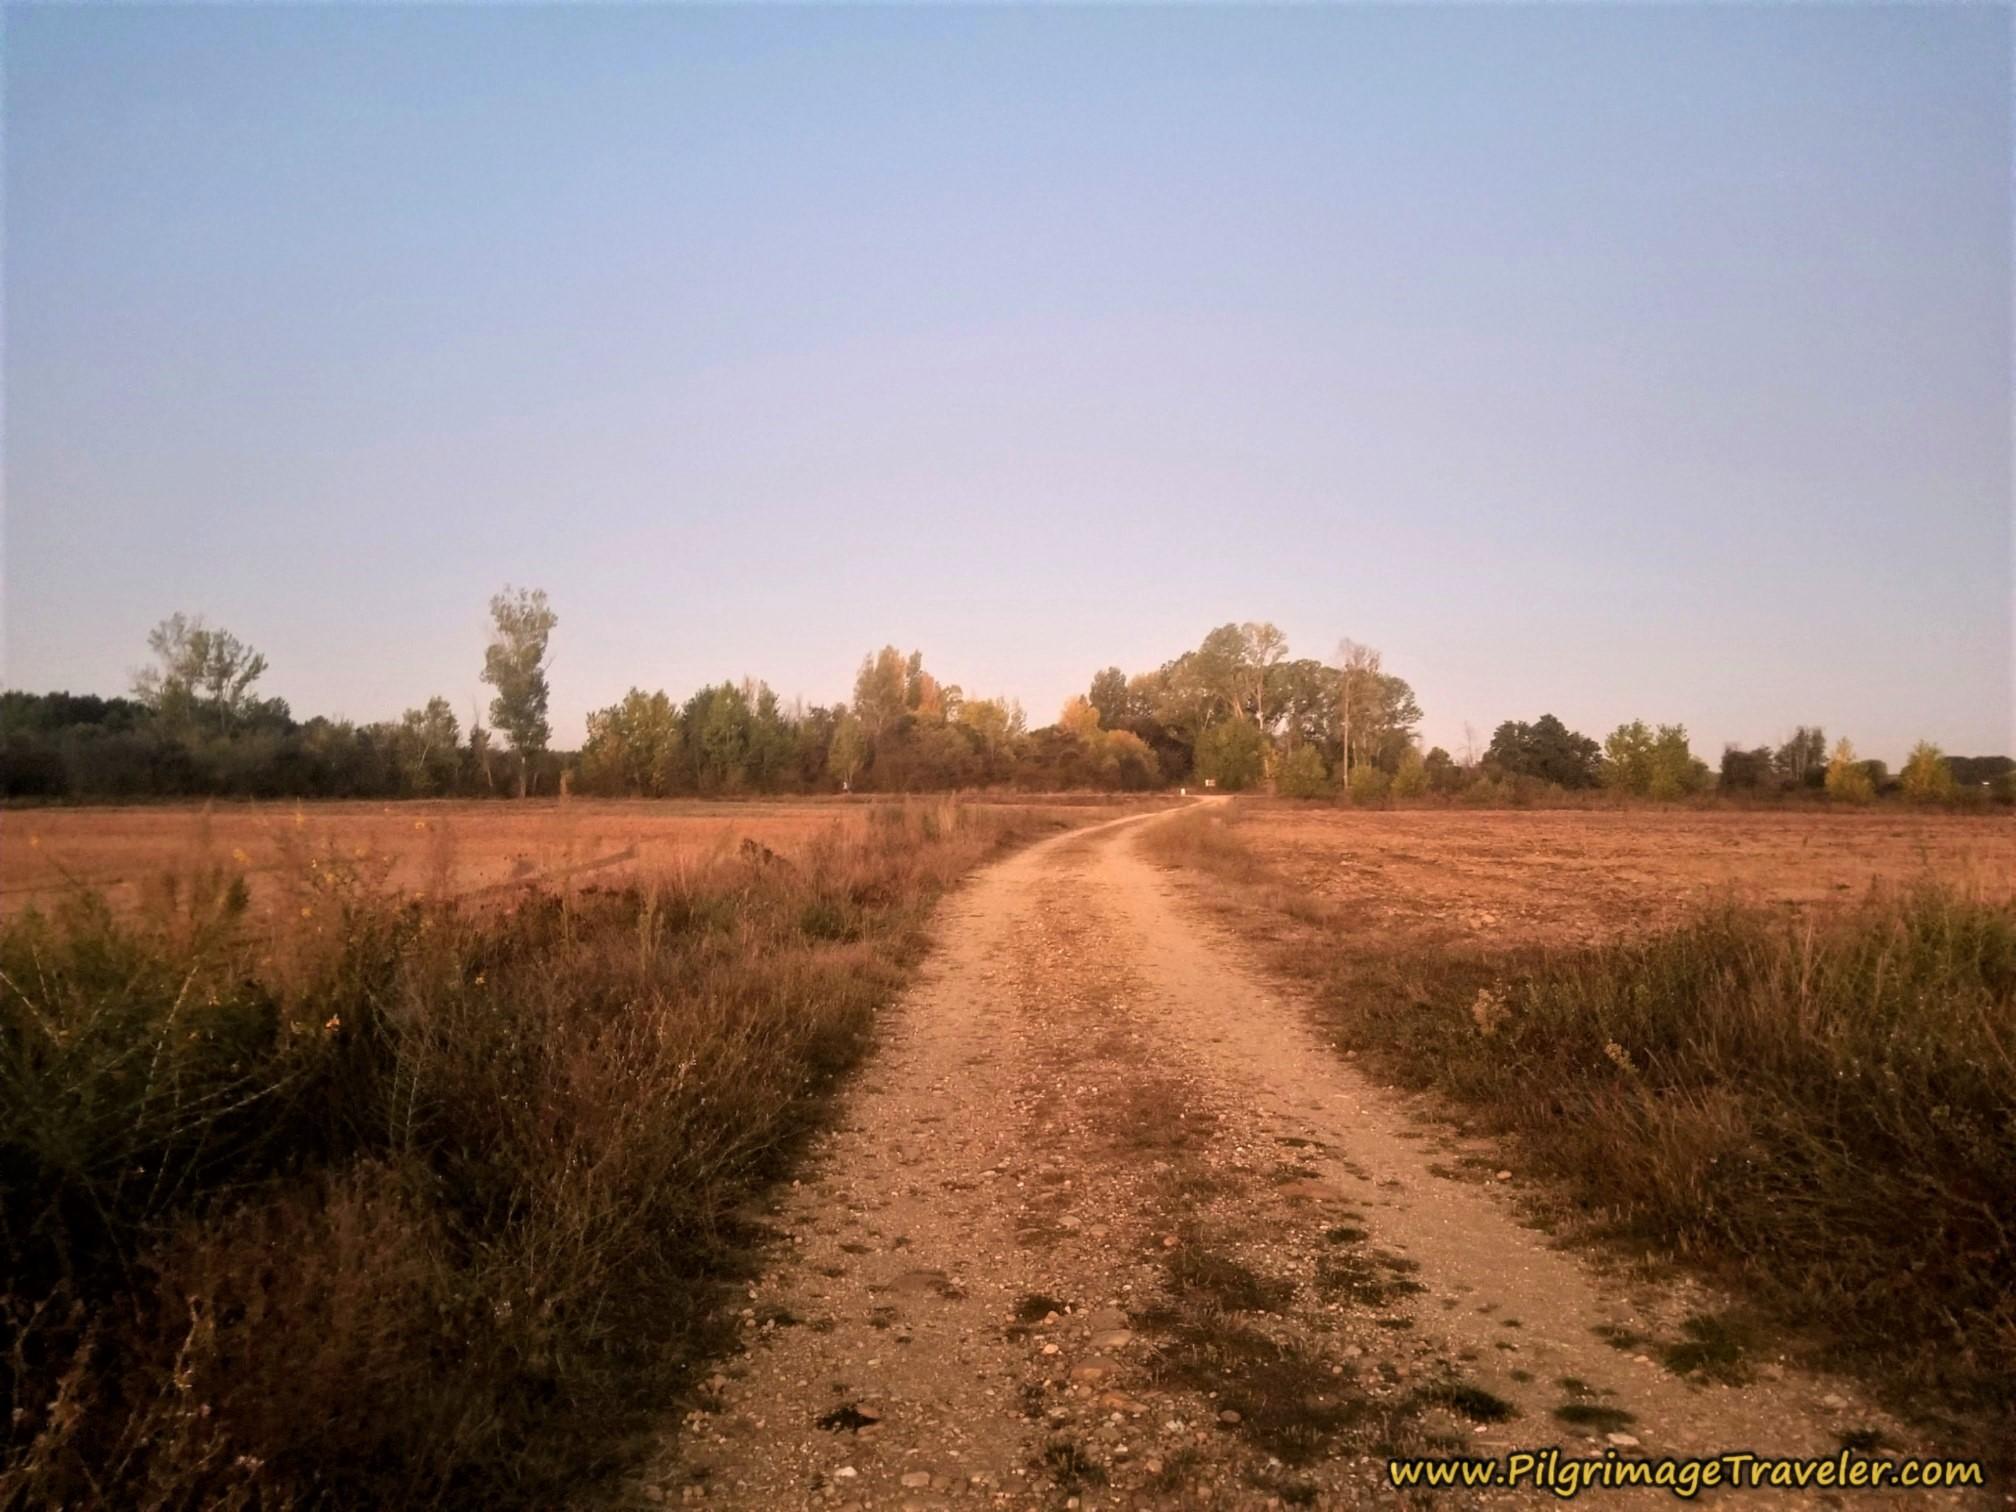 Return to Walking on Farm Roads